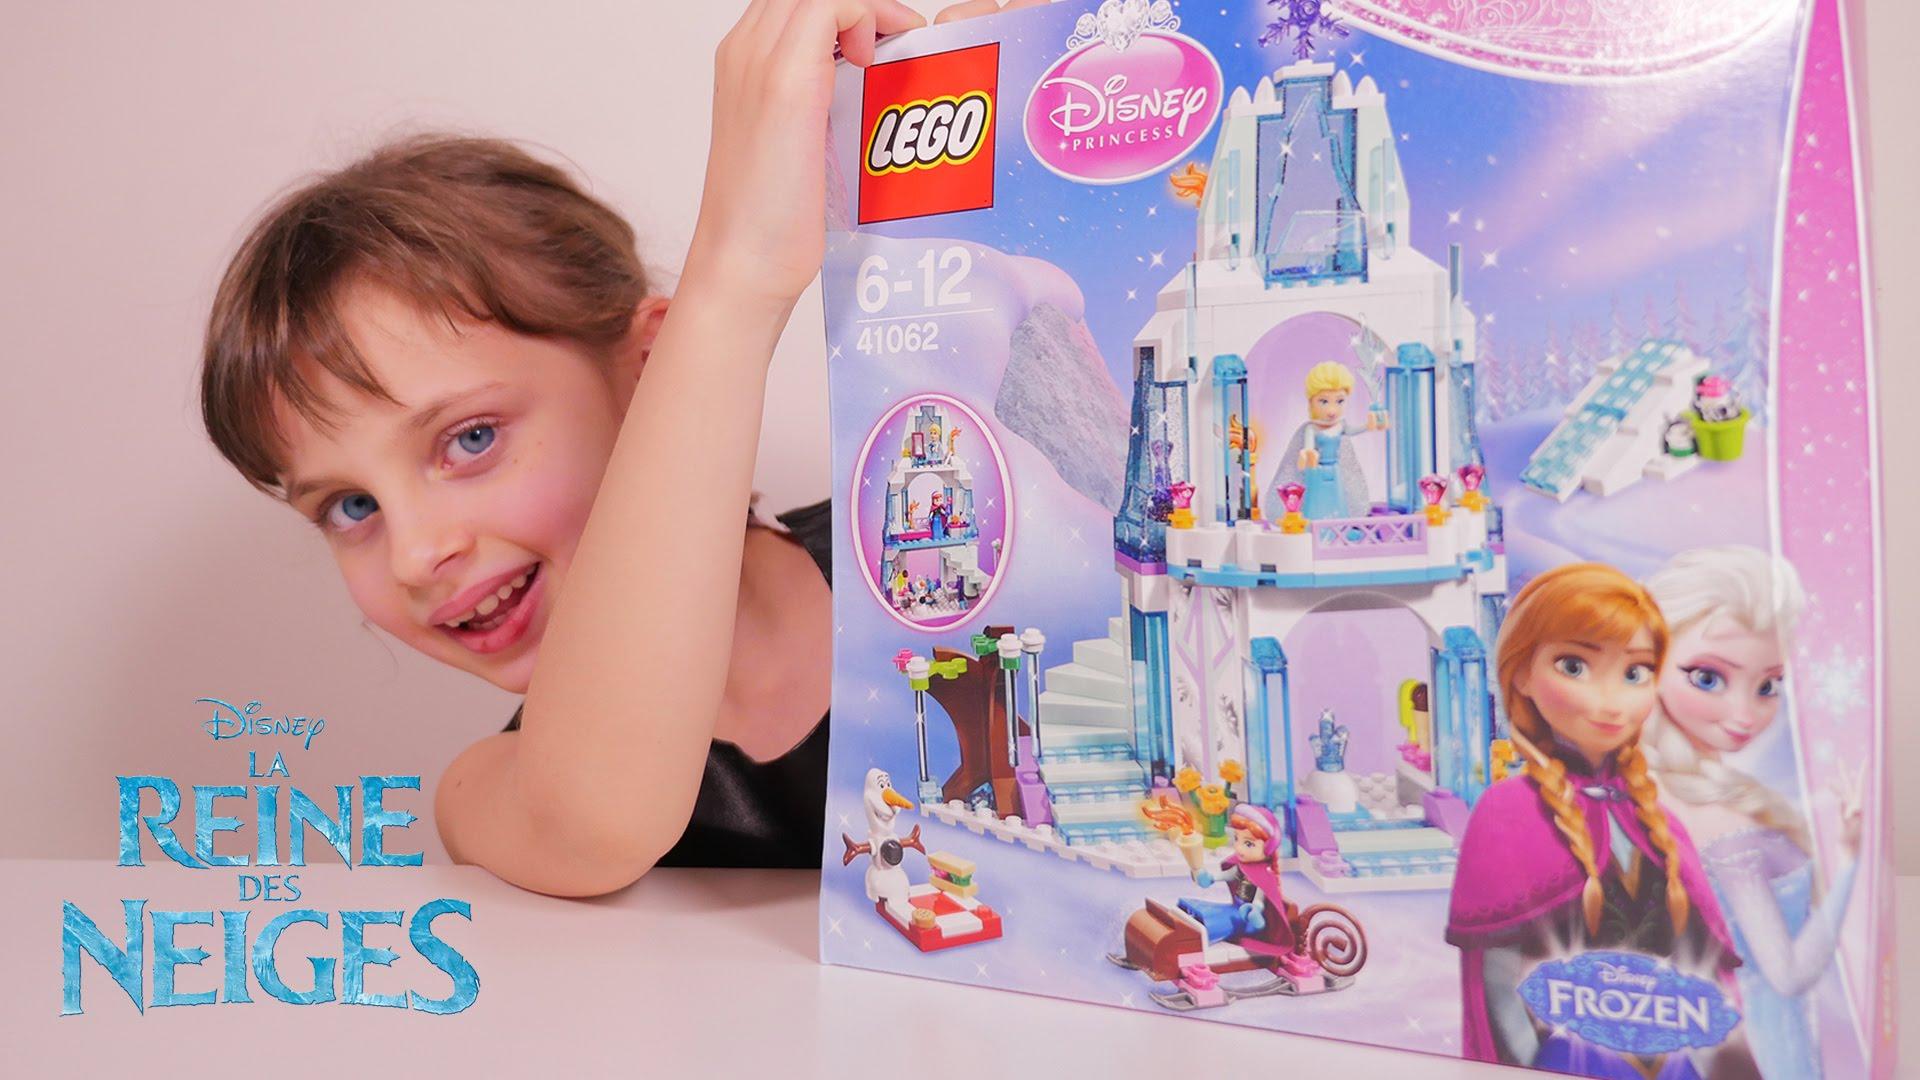 jouer de la reine des neiges